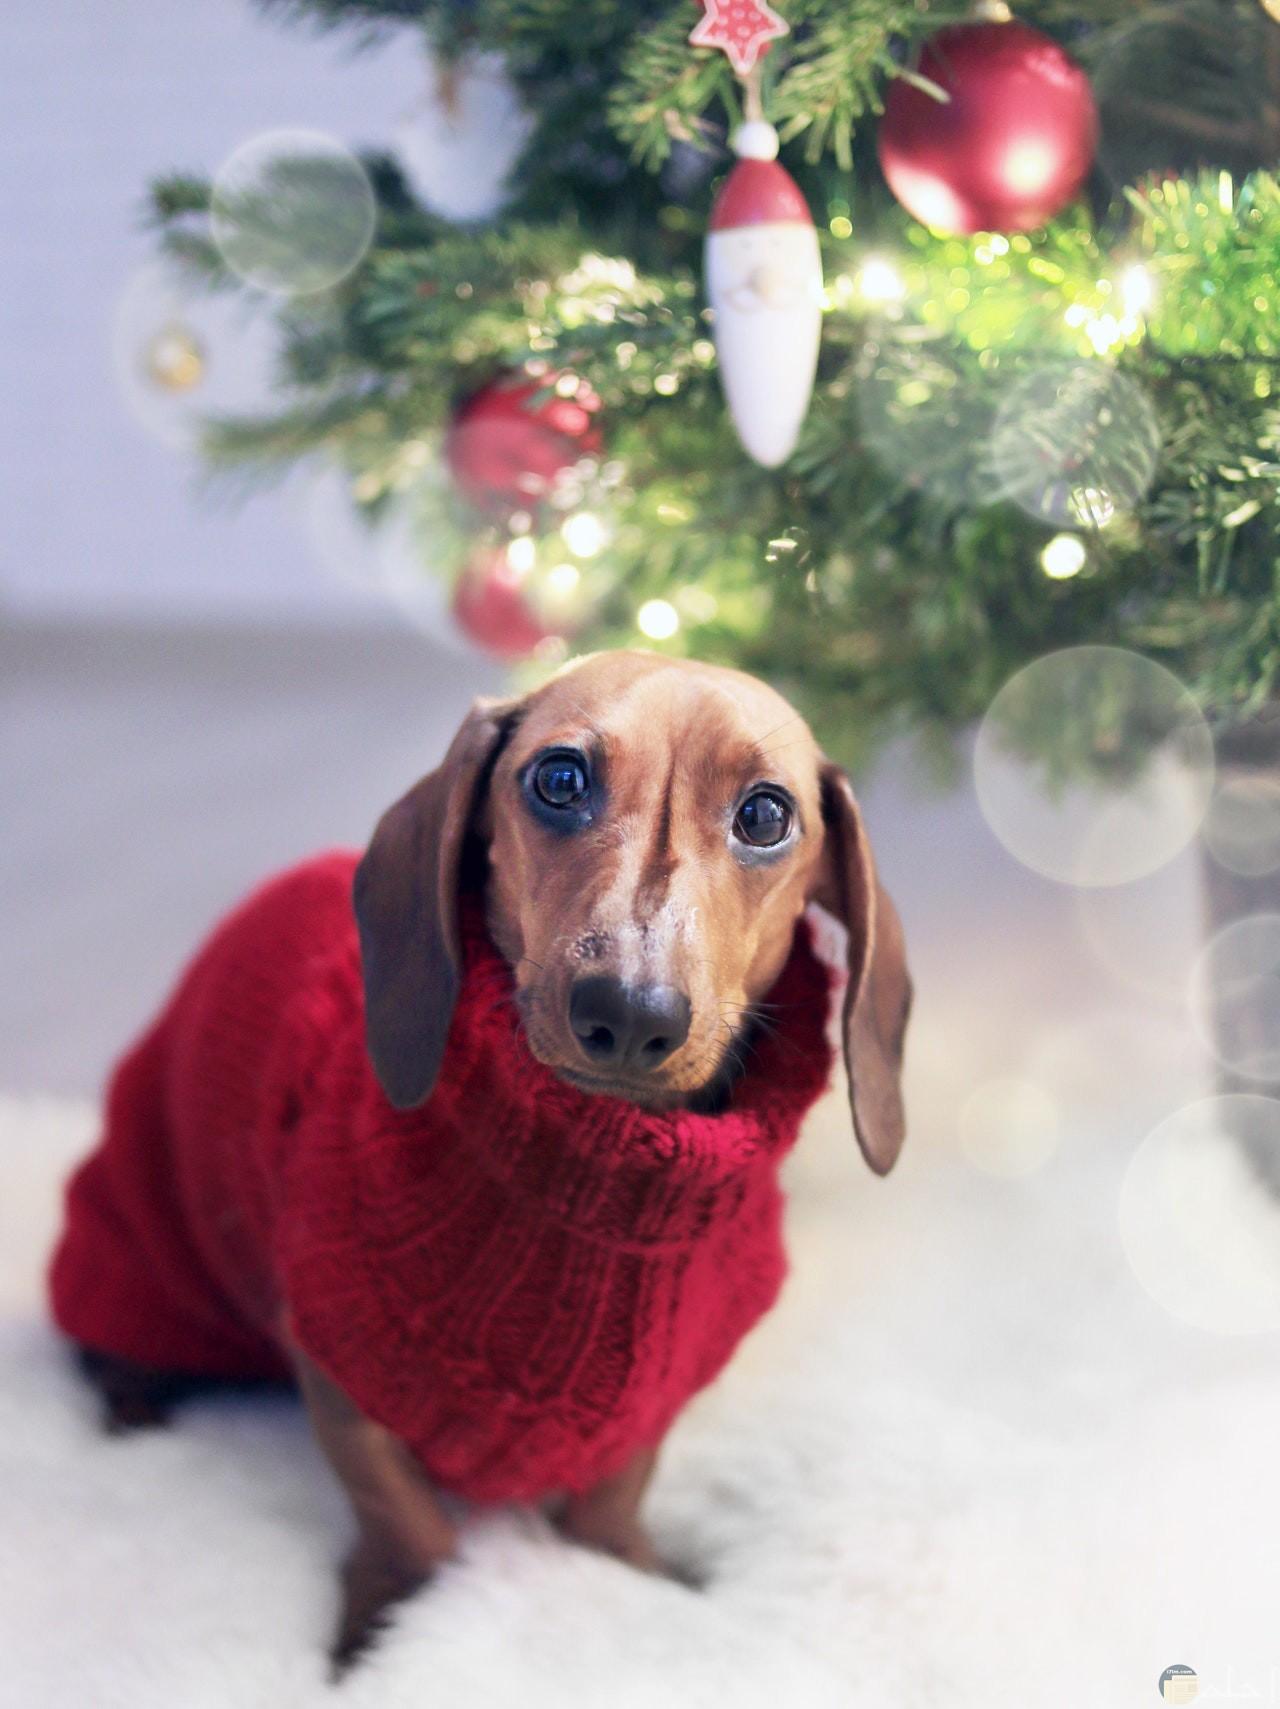 صورة غريبة ومضحكة لكلب لابس سترة حمراء حلوة